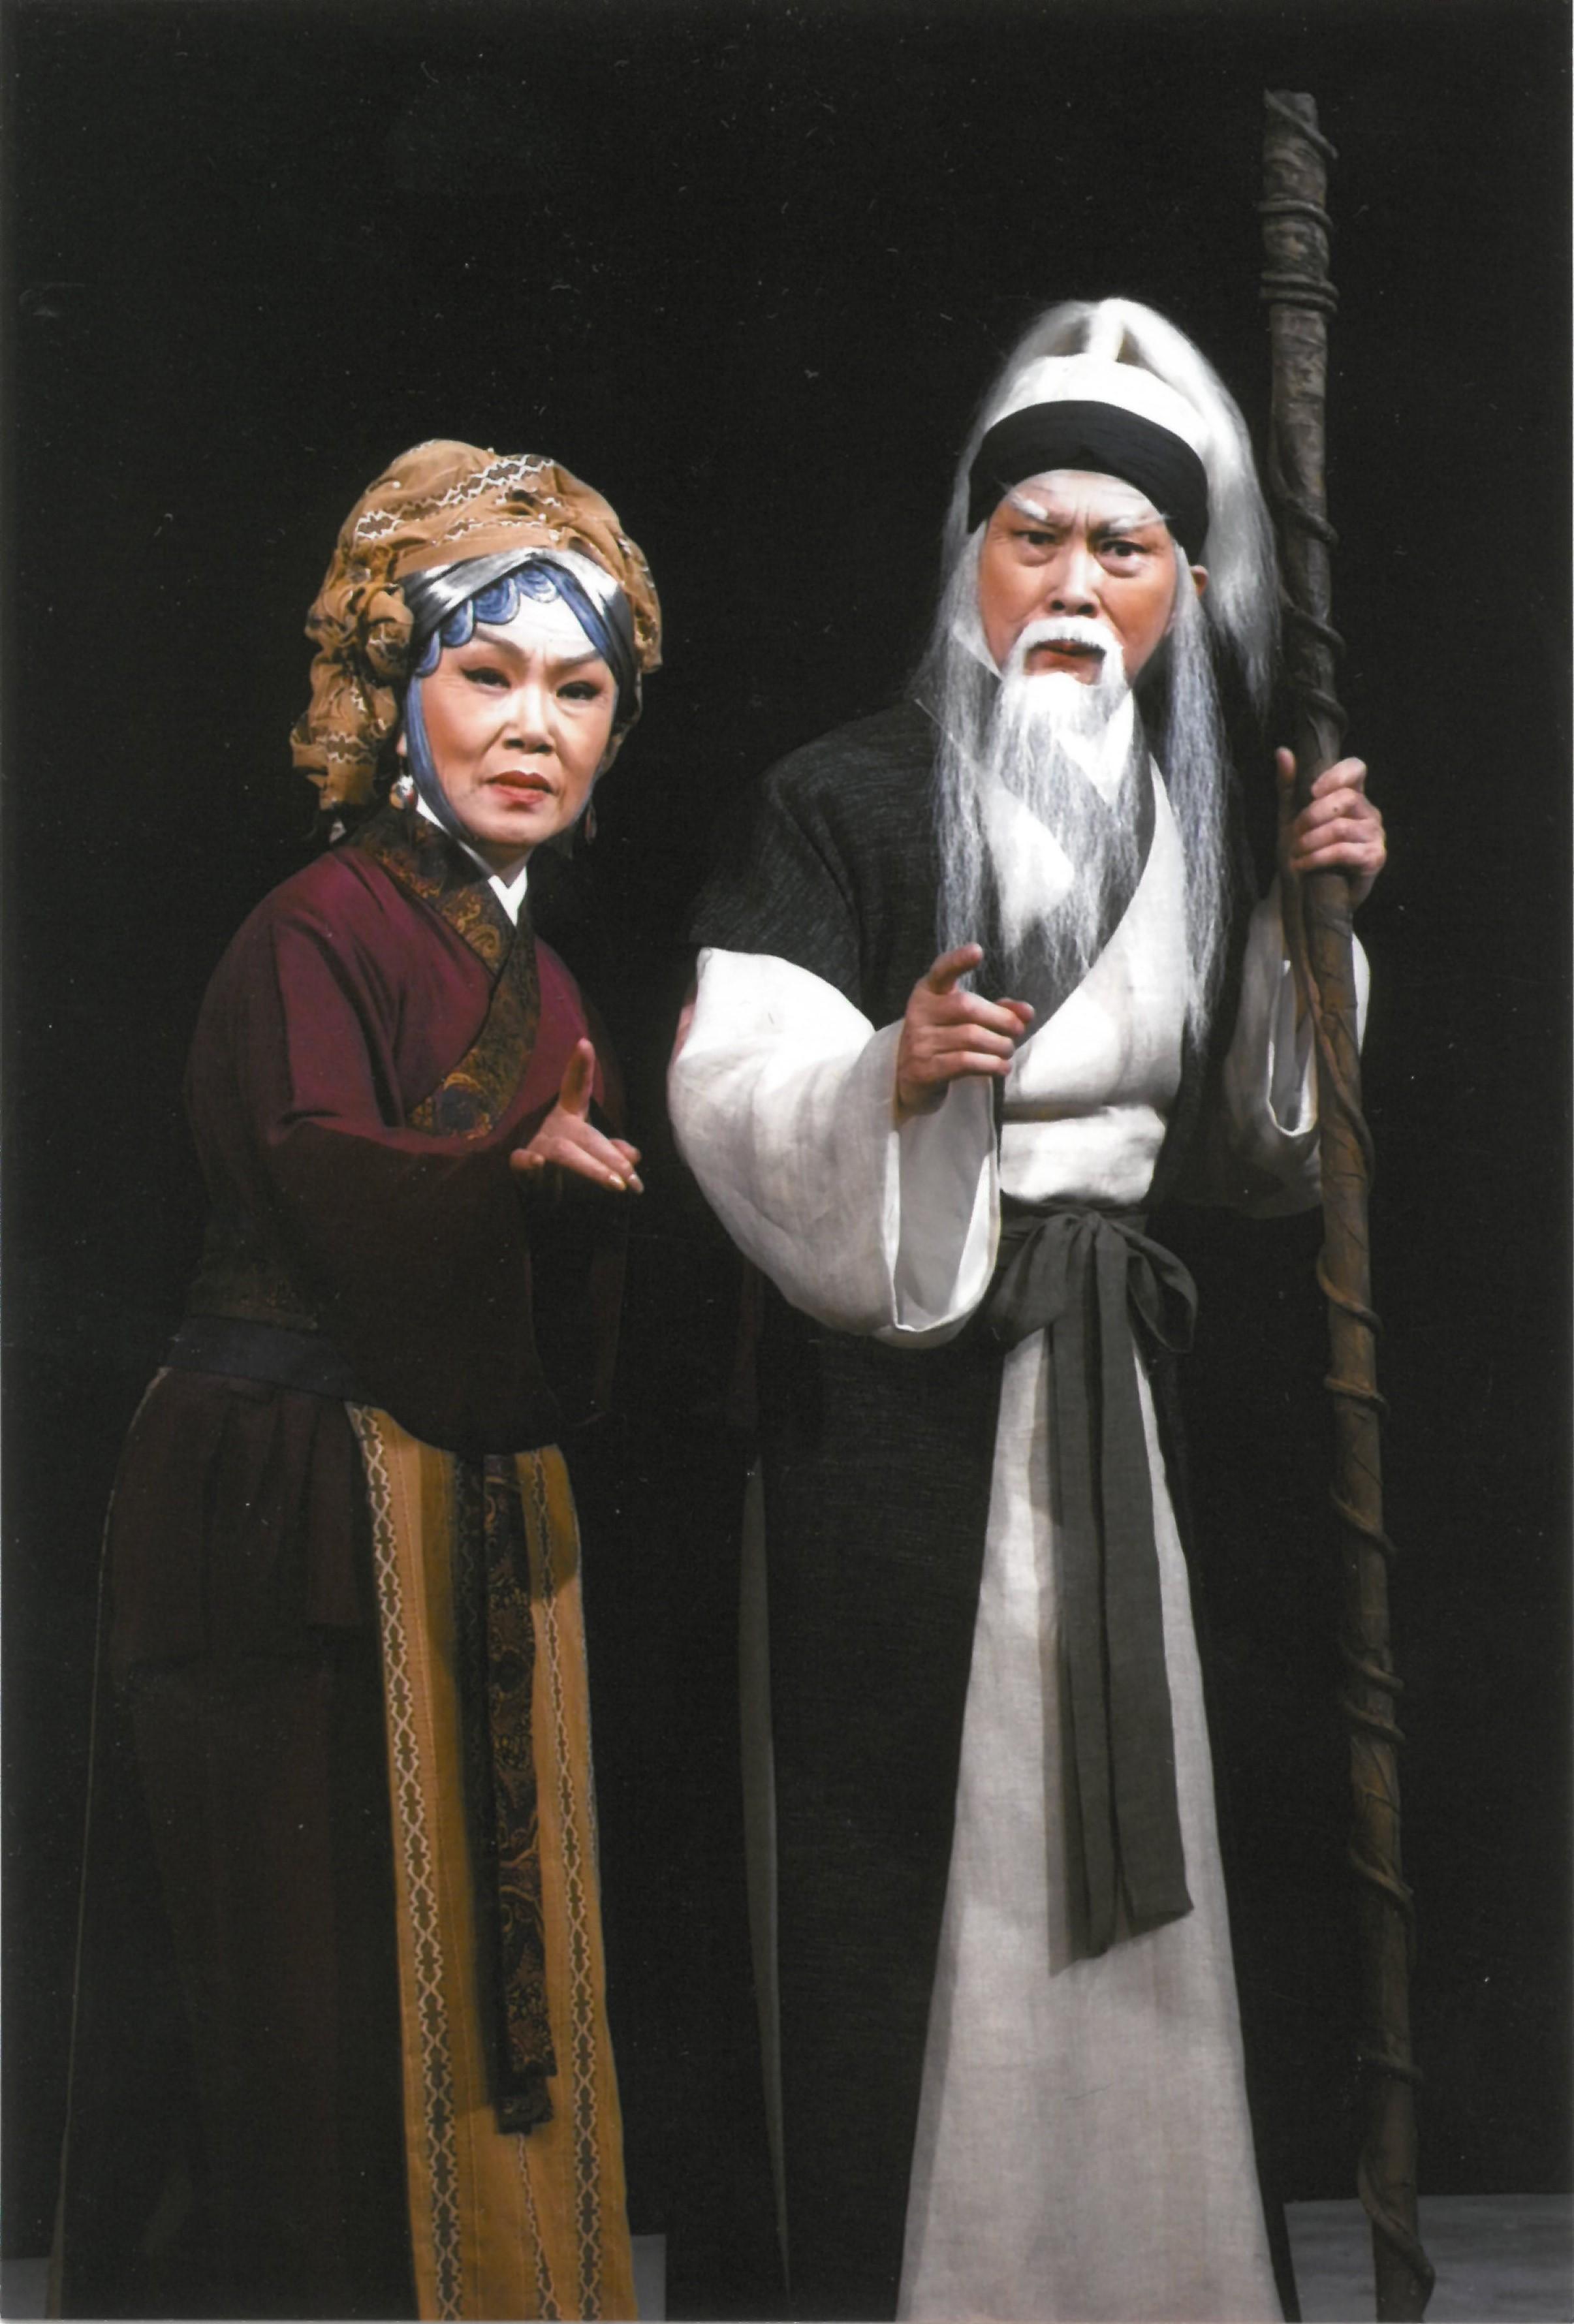 文千歲(右)及梁少芯(左)將為是次製作擔任藝術總監,務求帶出《挪亞方舟》的精髓(圖為2010年於香港文化中心大劇院演出劇照)